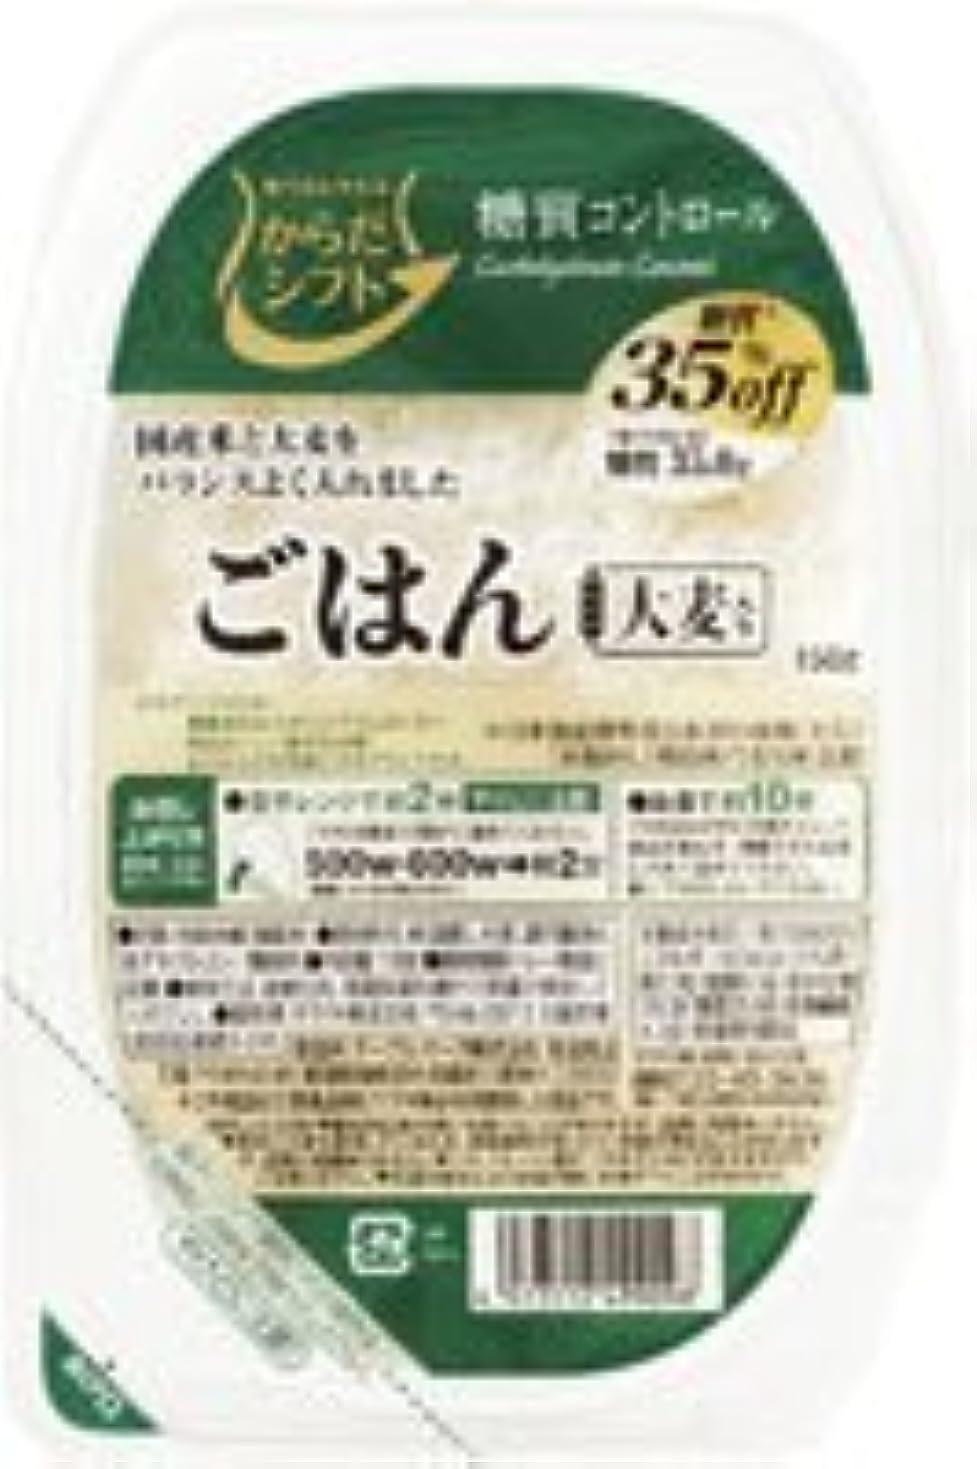 ギャラントリー毎日分離からだシフト 糖質コントロール ごはん 大麦入り 150g【6個セット】